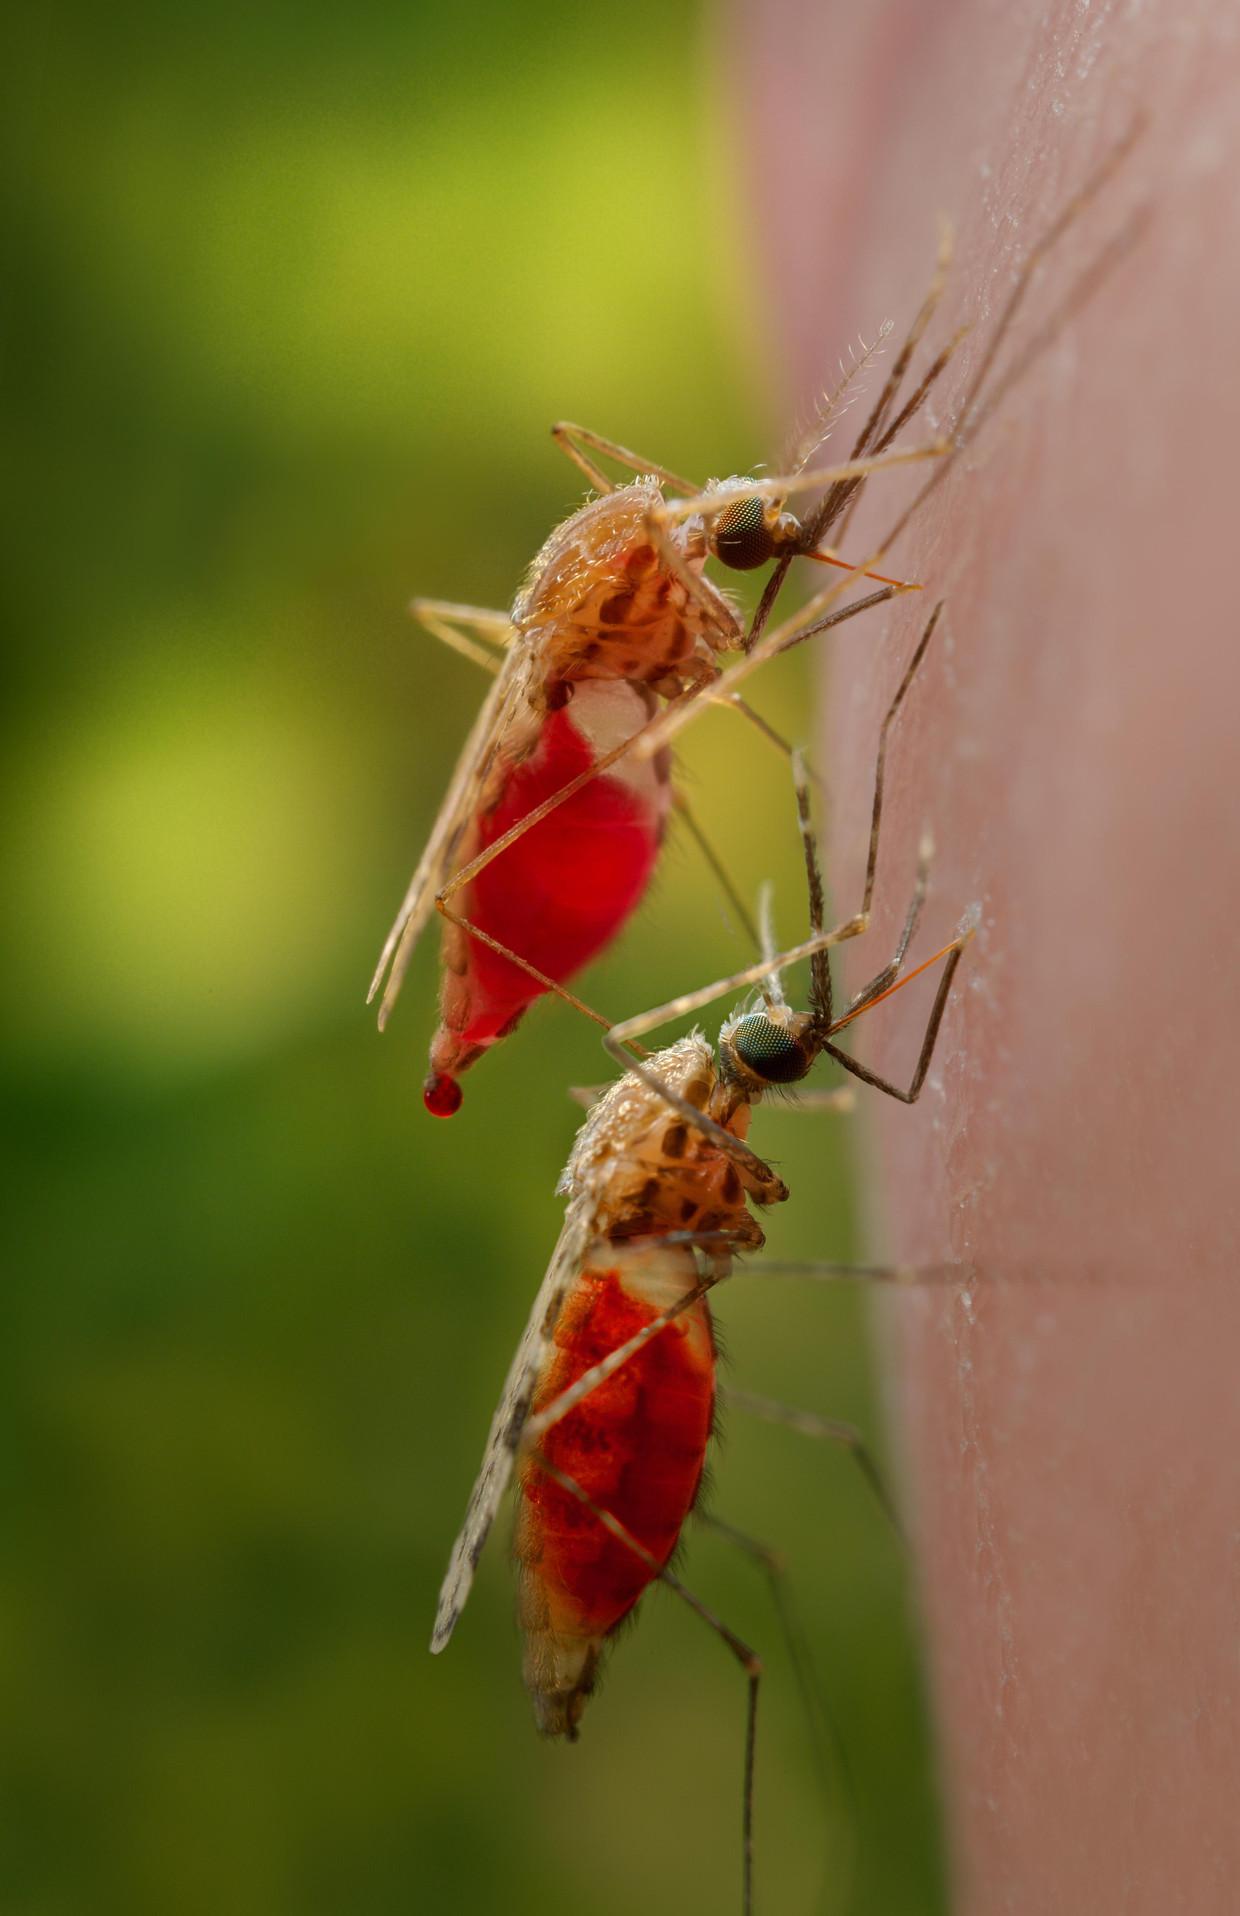 De malariamug van het type 'Anopheles'.